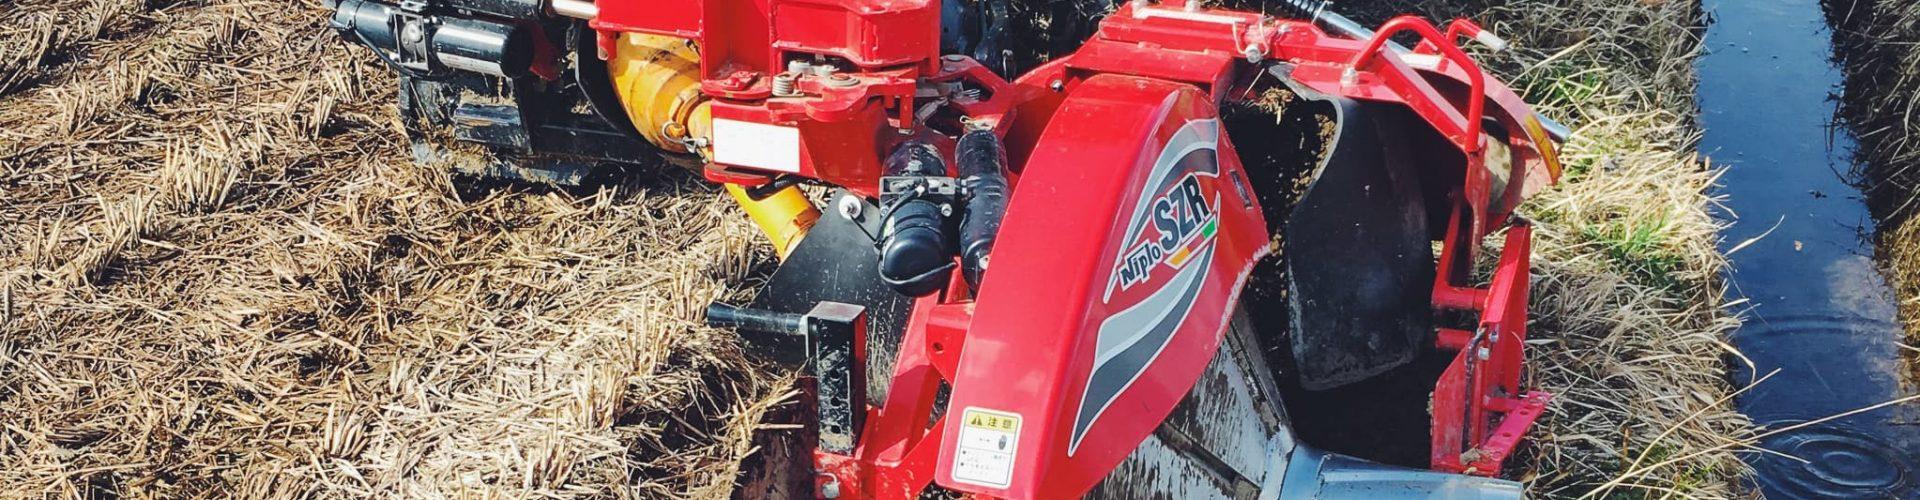 畦塗りトラクター